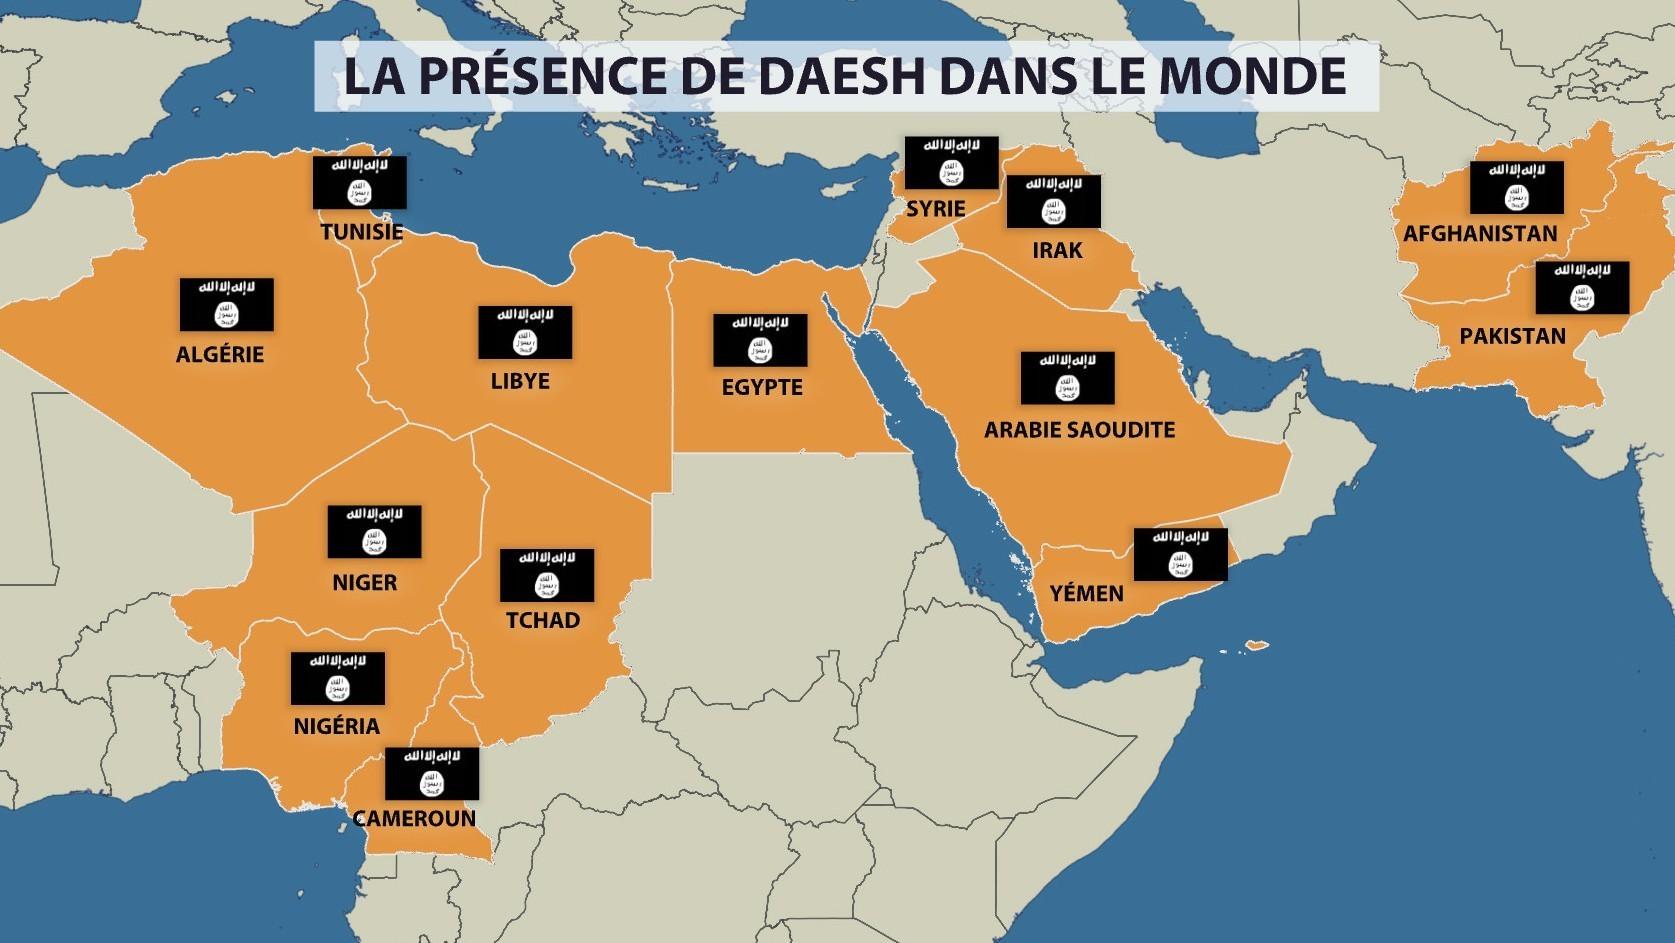 La présense de Daesh dans le monde